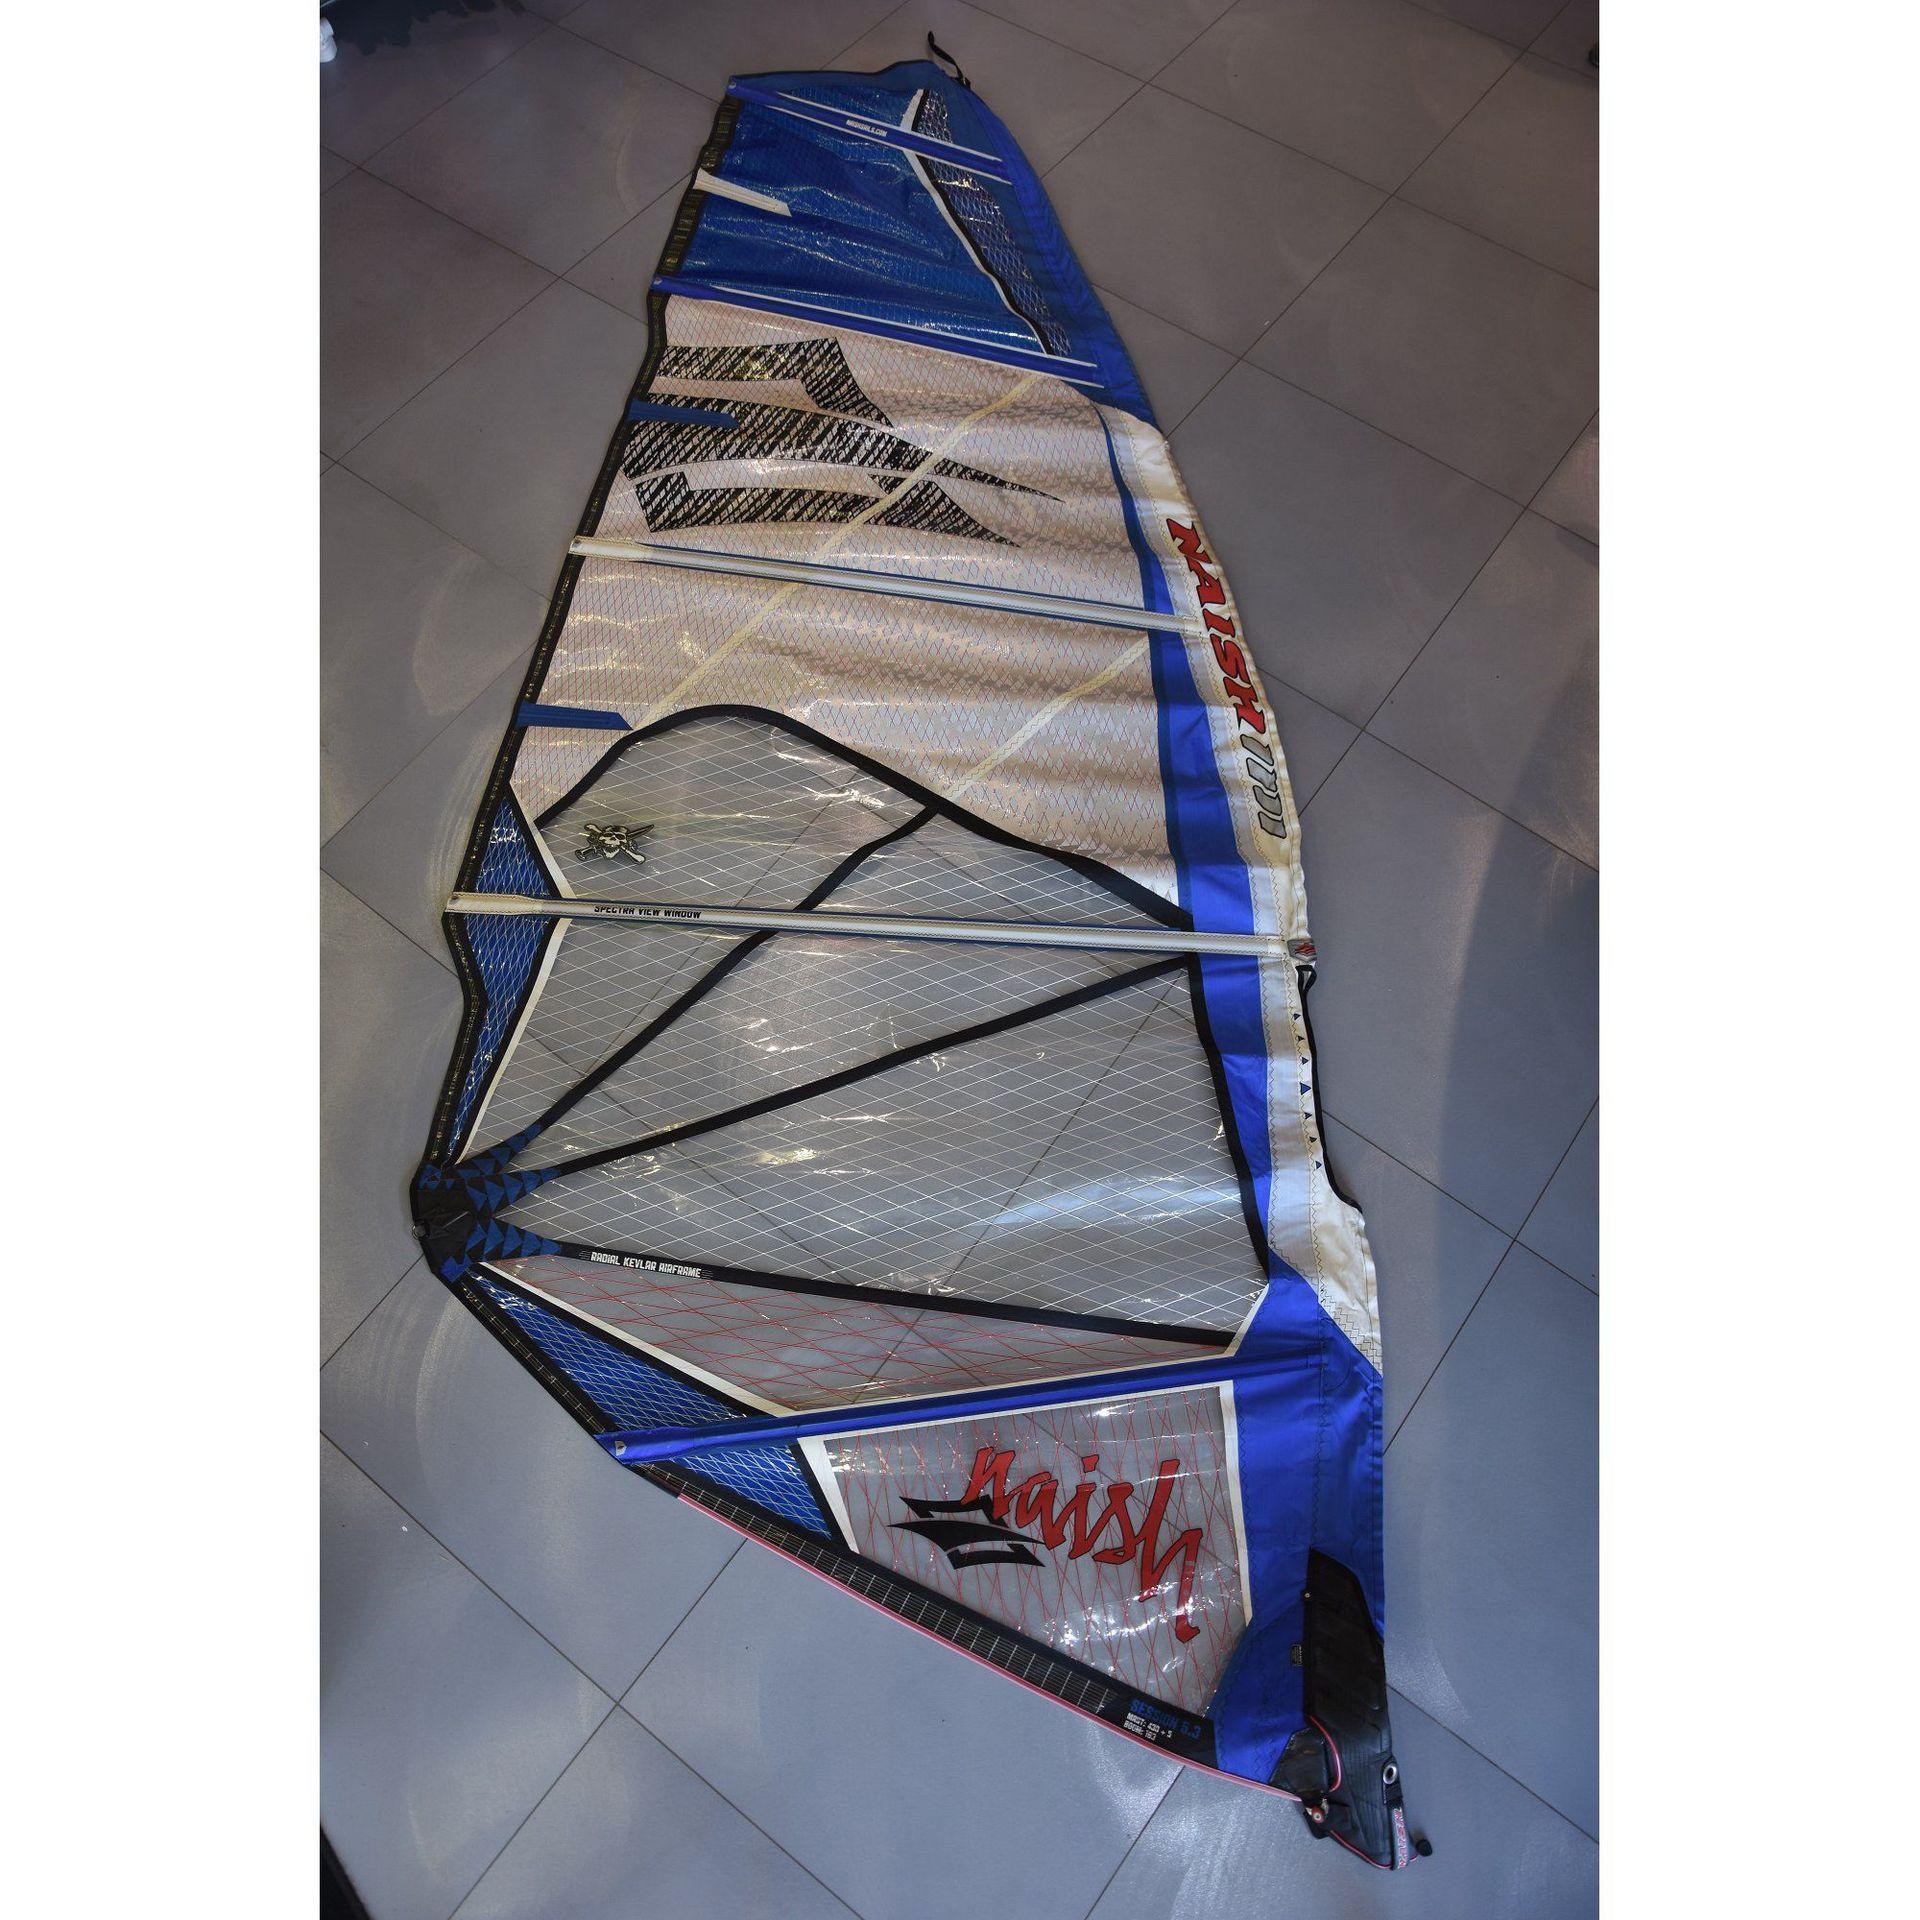 ŻAGIEL NAISH SESSION 2012 5.3 - WAVE  (531221)